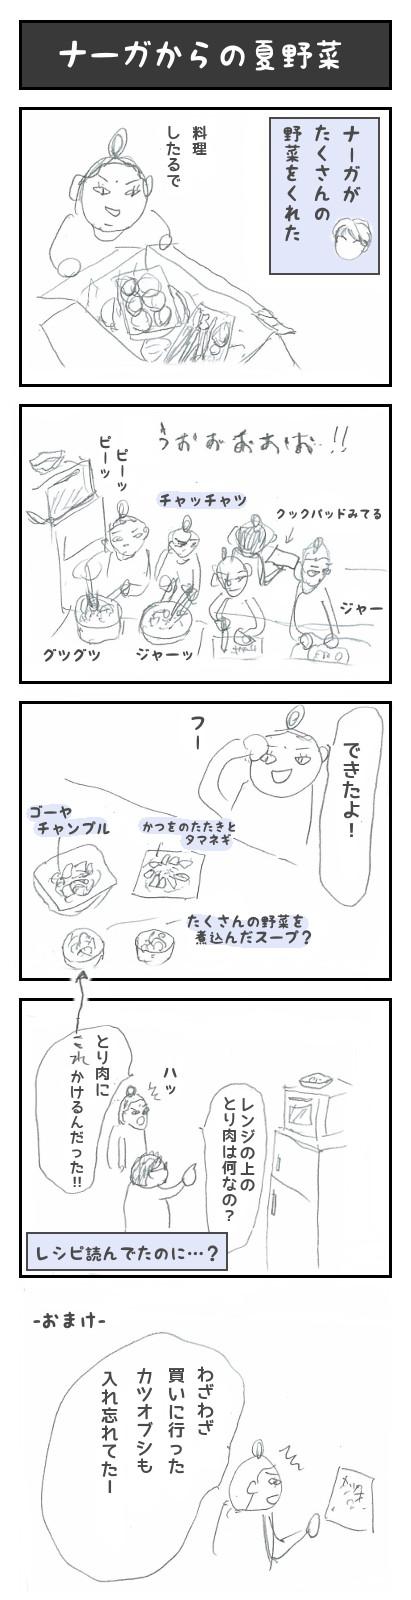 【11】ナーガからの夏野菜